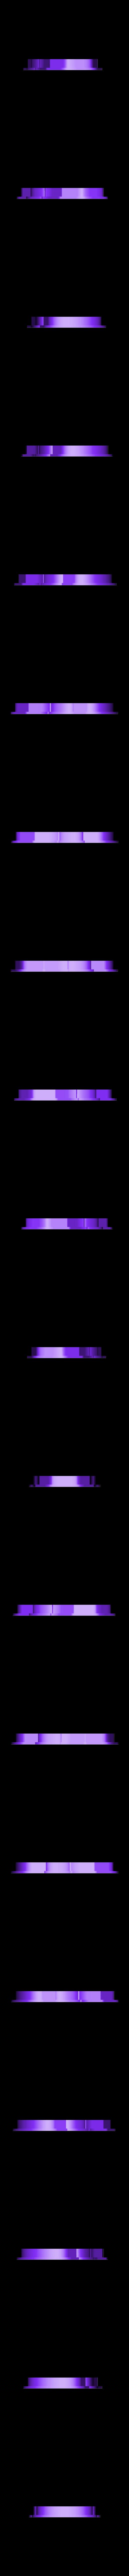 Ironman3.stl Télécharger fichier STL gratuit Découpeur de biscuits Ironman Face • Design pour imprimante 3D, insua_lucas